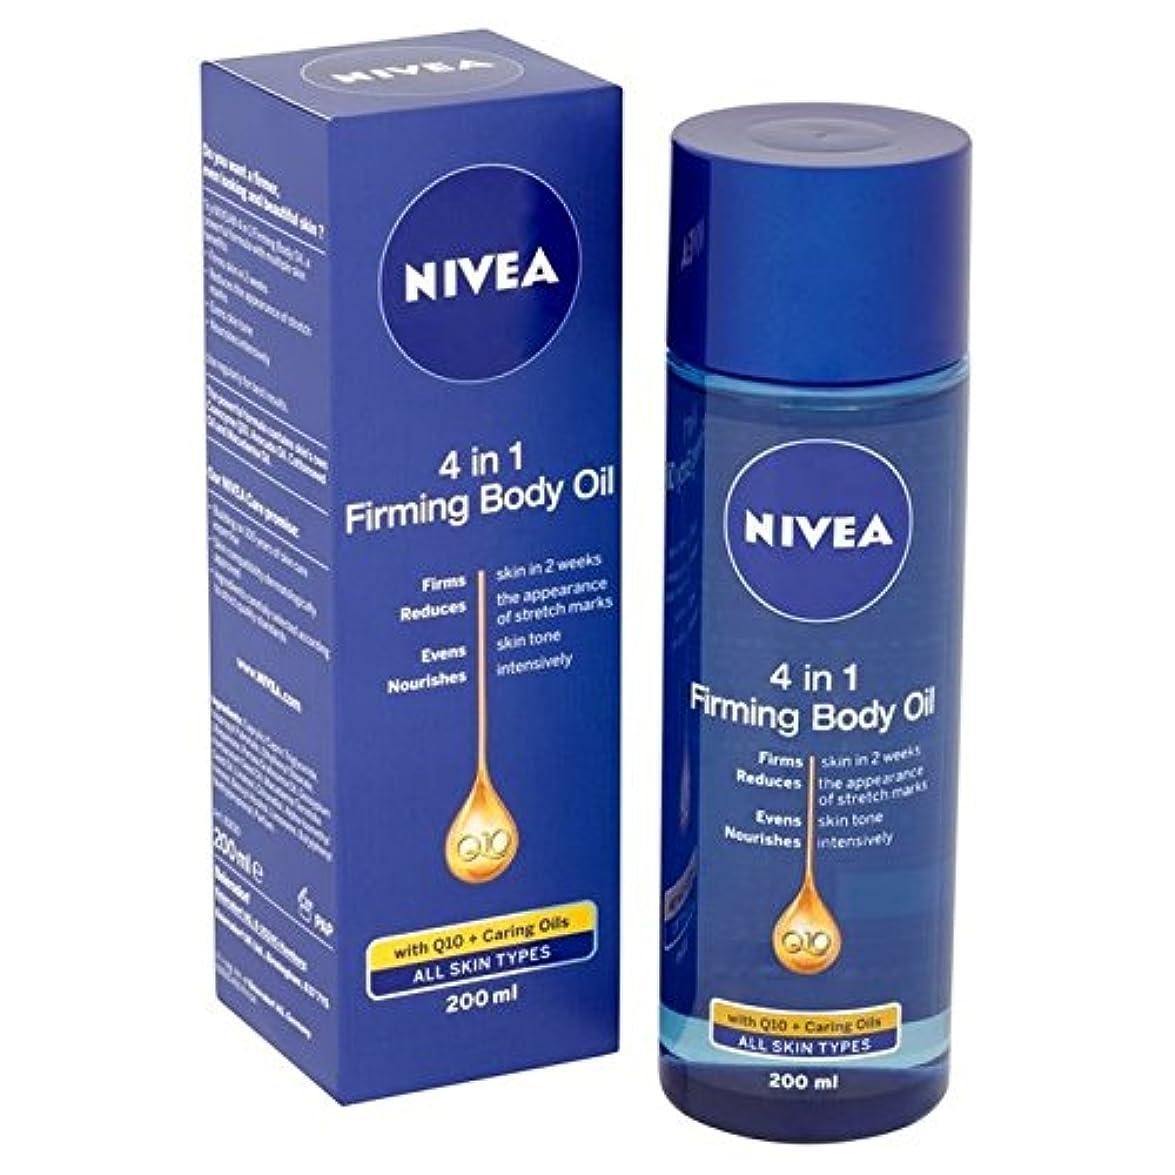 料理メンタリティ織機1ファーミング油200ミリリットル中ニベアボディ4 x2 - Nivea Body 4 in 1 Firming Oil 200ml (Pack of 2) [並行輸入品]